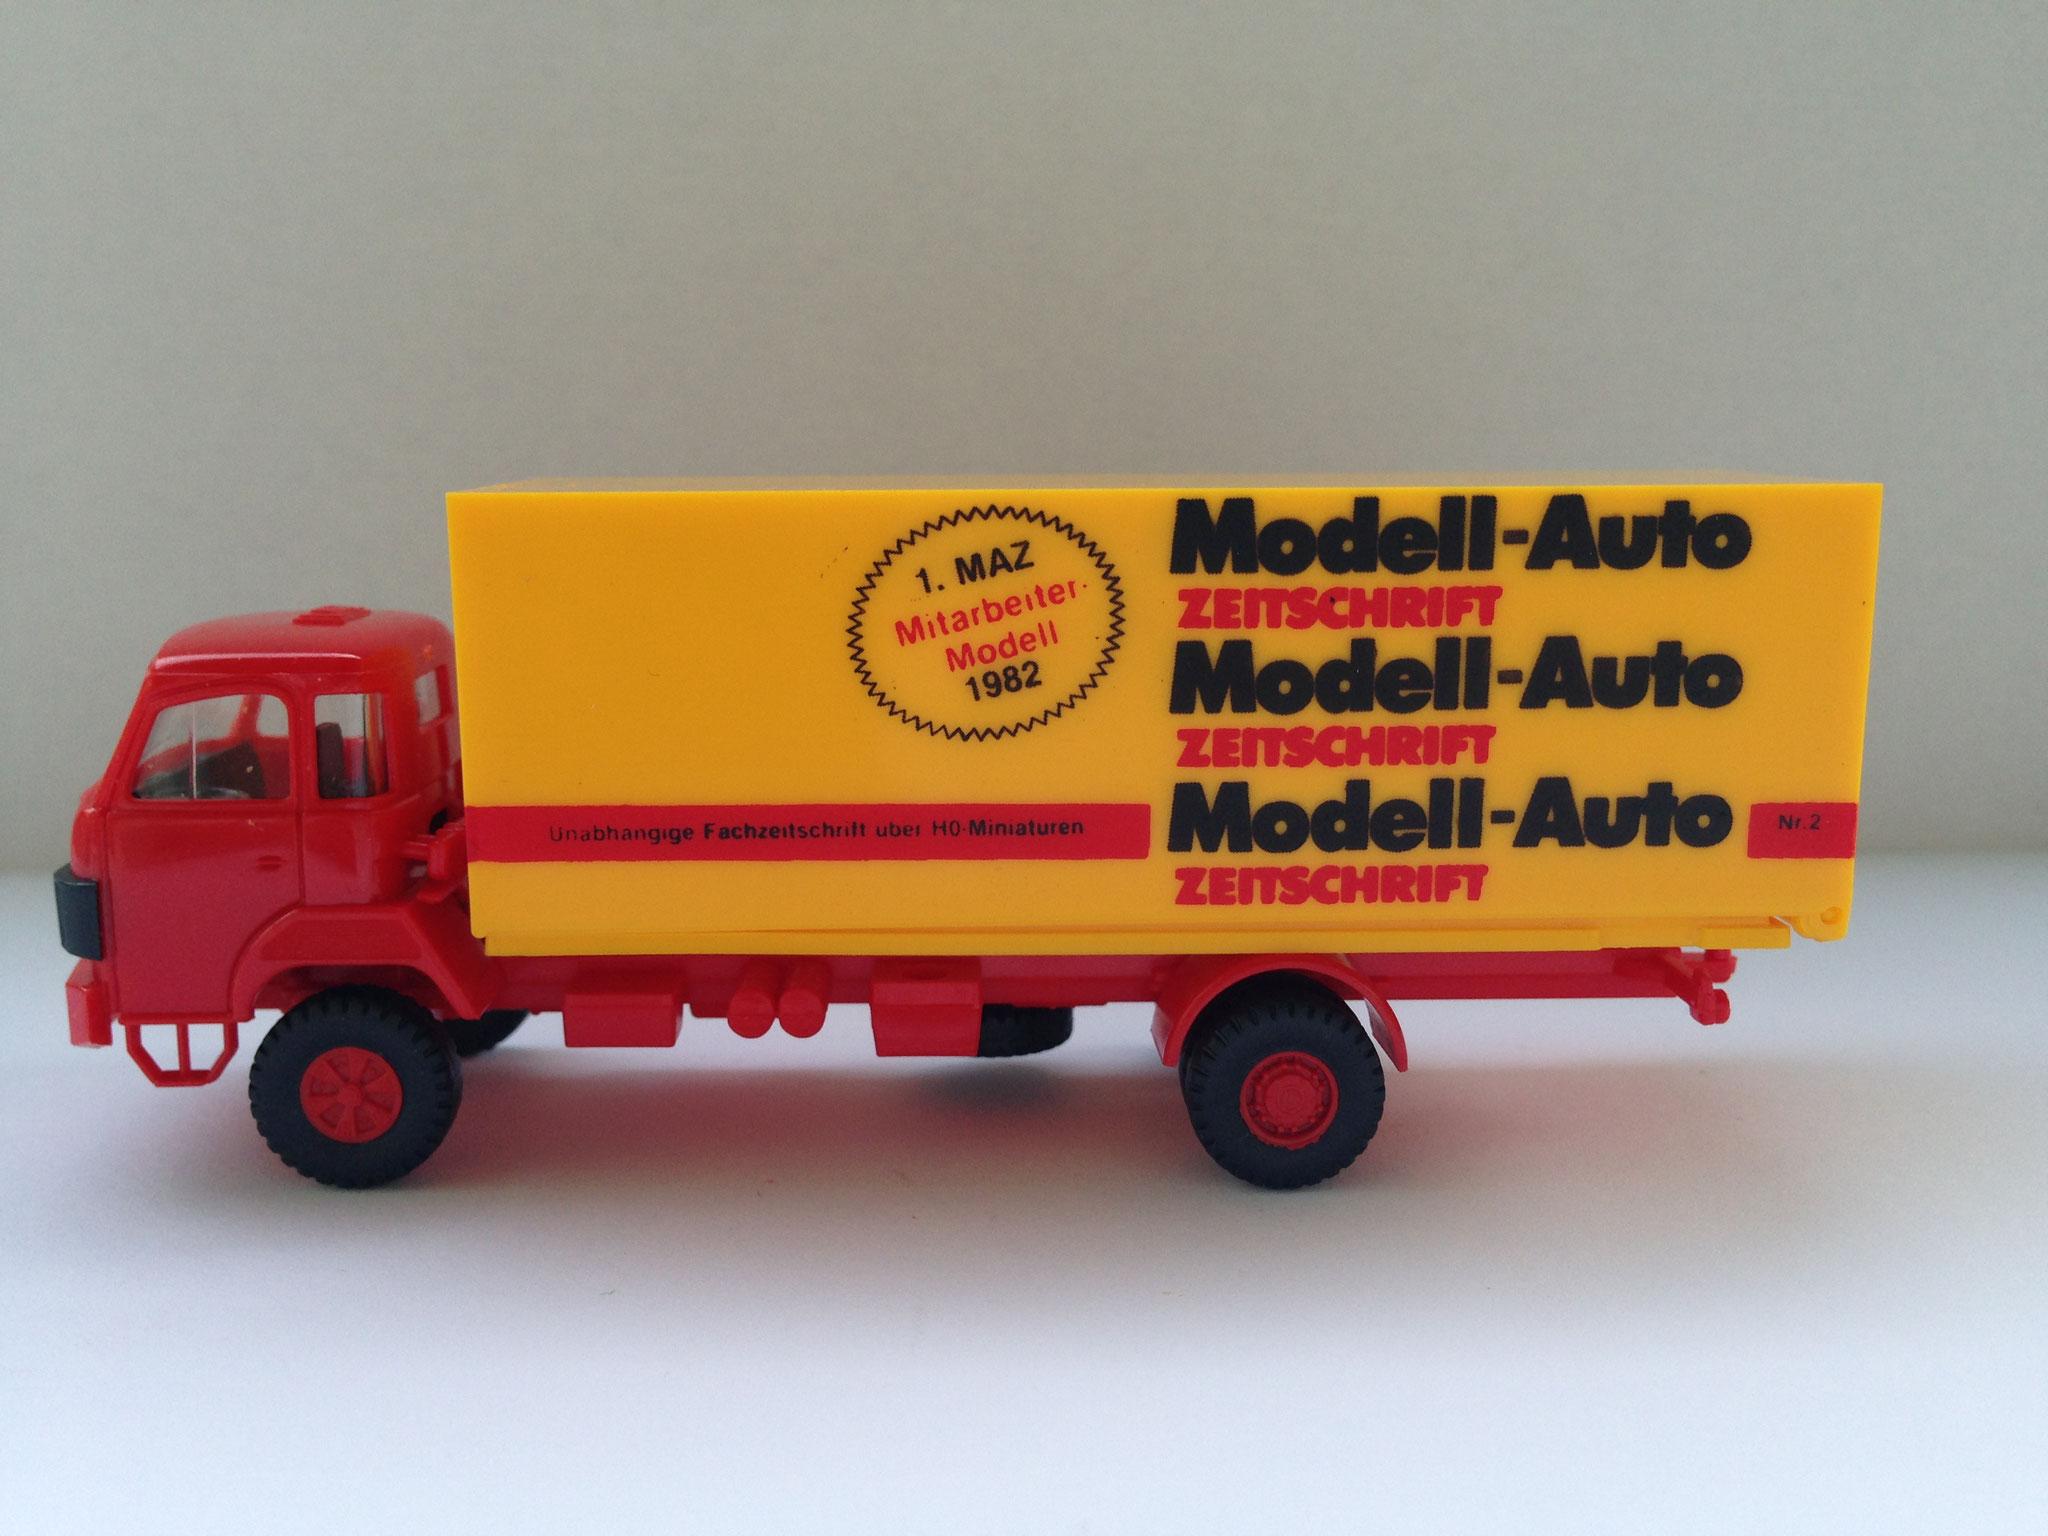 MAZ Mitarbeitermodell 1982